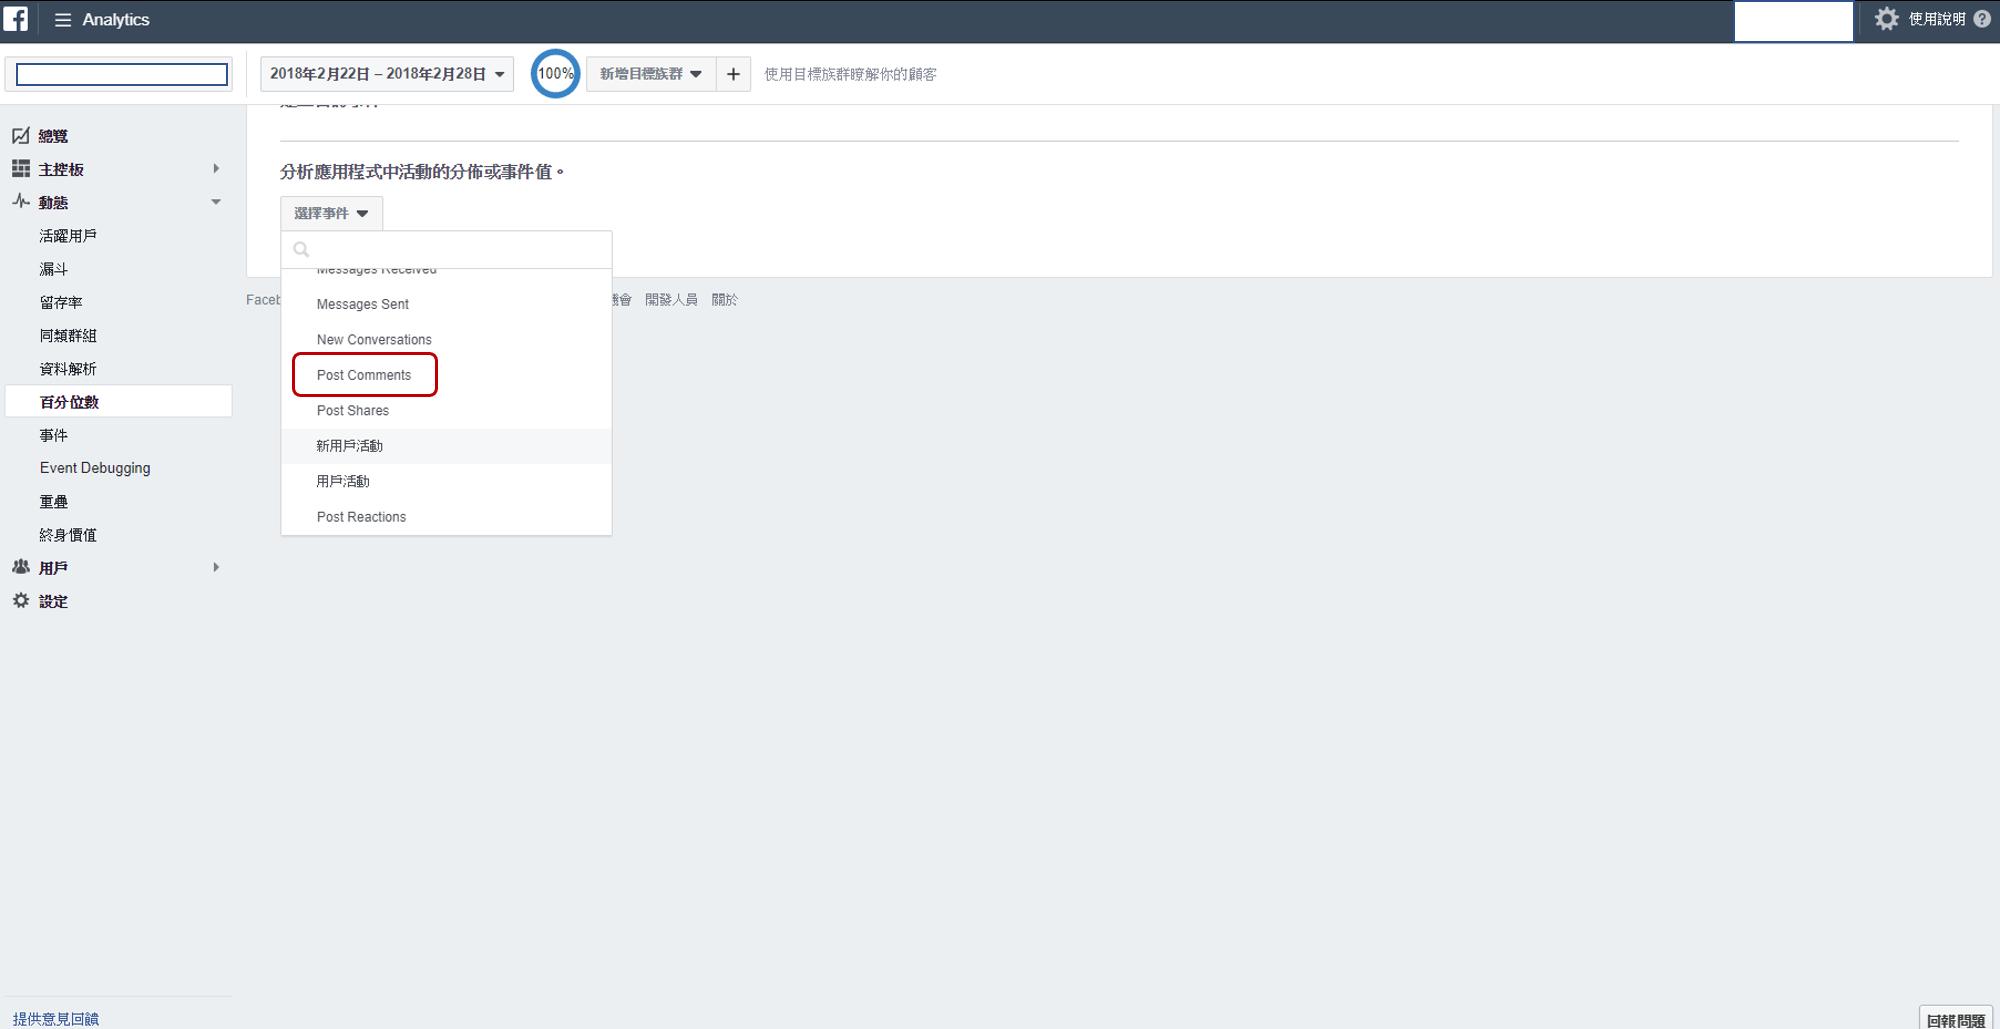 【聊天機器人】Facebook Messenger互動分析,檢核你的聊天機器人互動成效